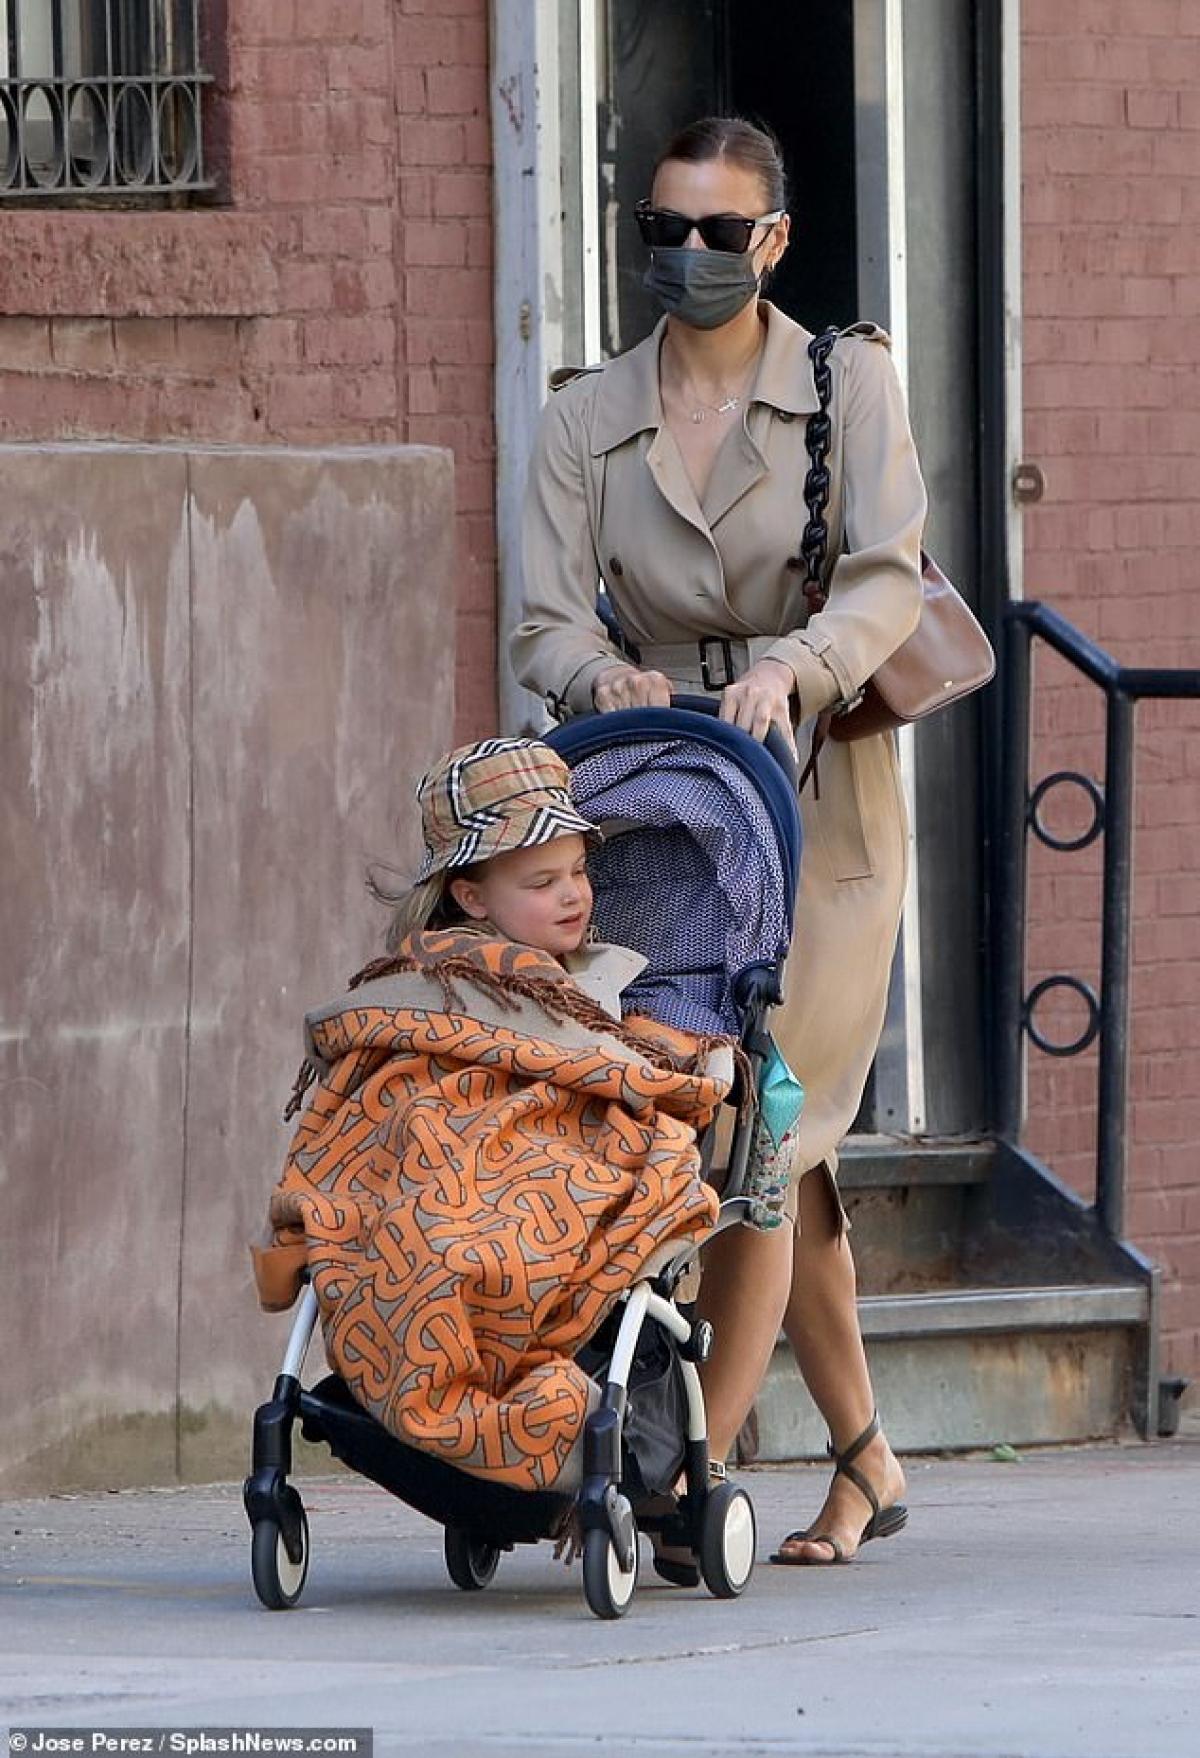 Irina Shayk gần đây liên tục vướng tin đồn tái hợp tình cũ Bradley Cooper khi cả hai nhiều lần bị bắt gặp đi chơi cùng nhau, thậm chí thể hiện tình cảm trên phố.